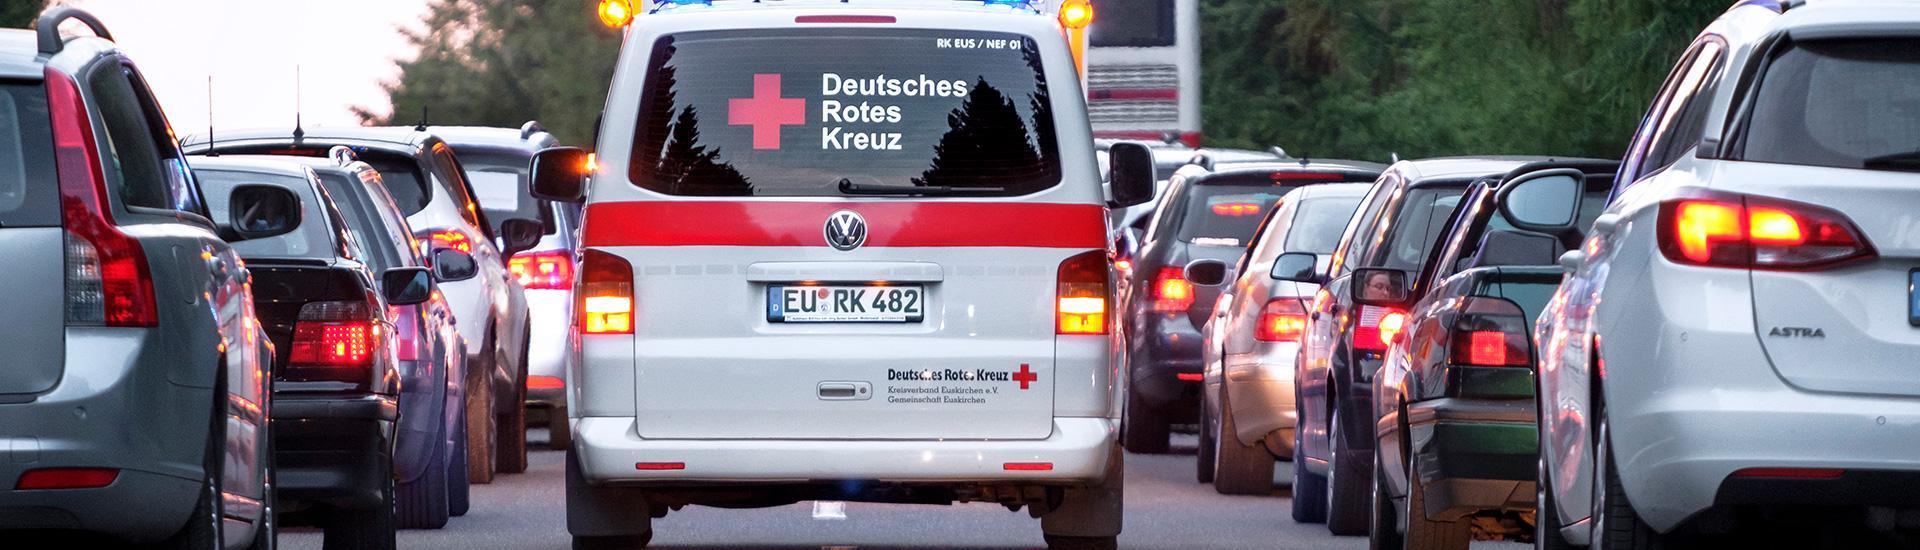 Deutsches Rotes Kreuz E V Drk E V